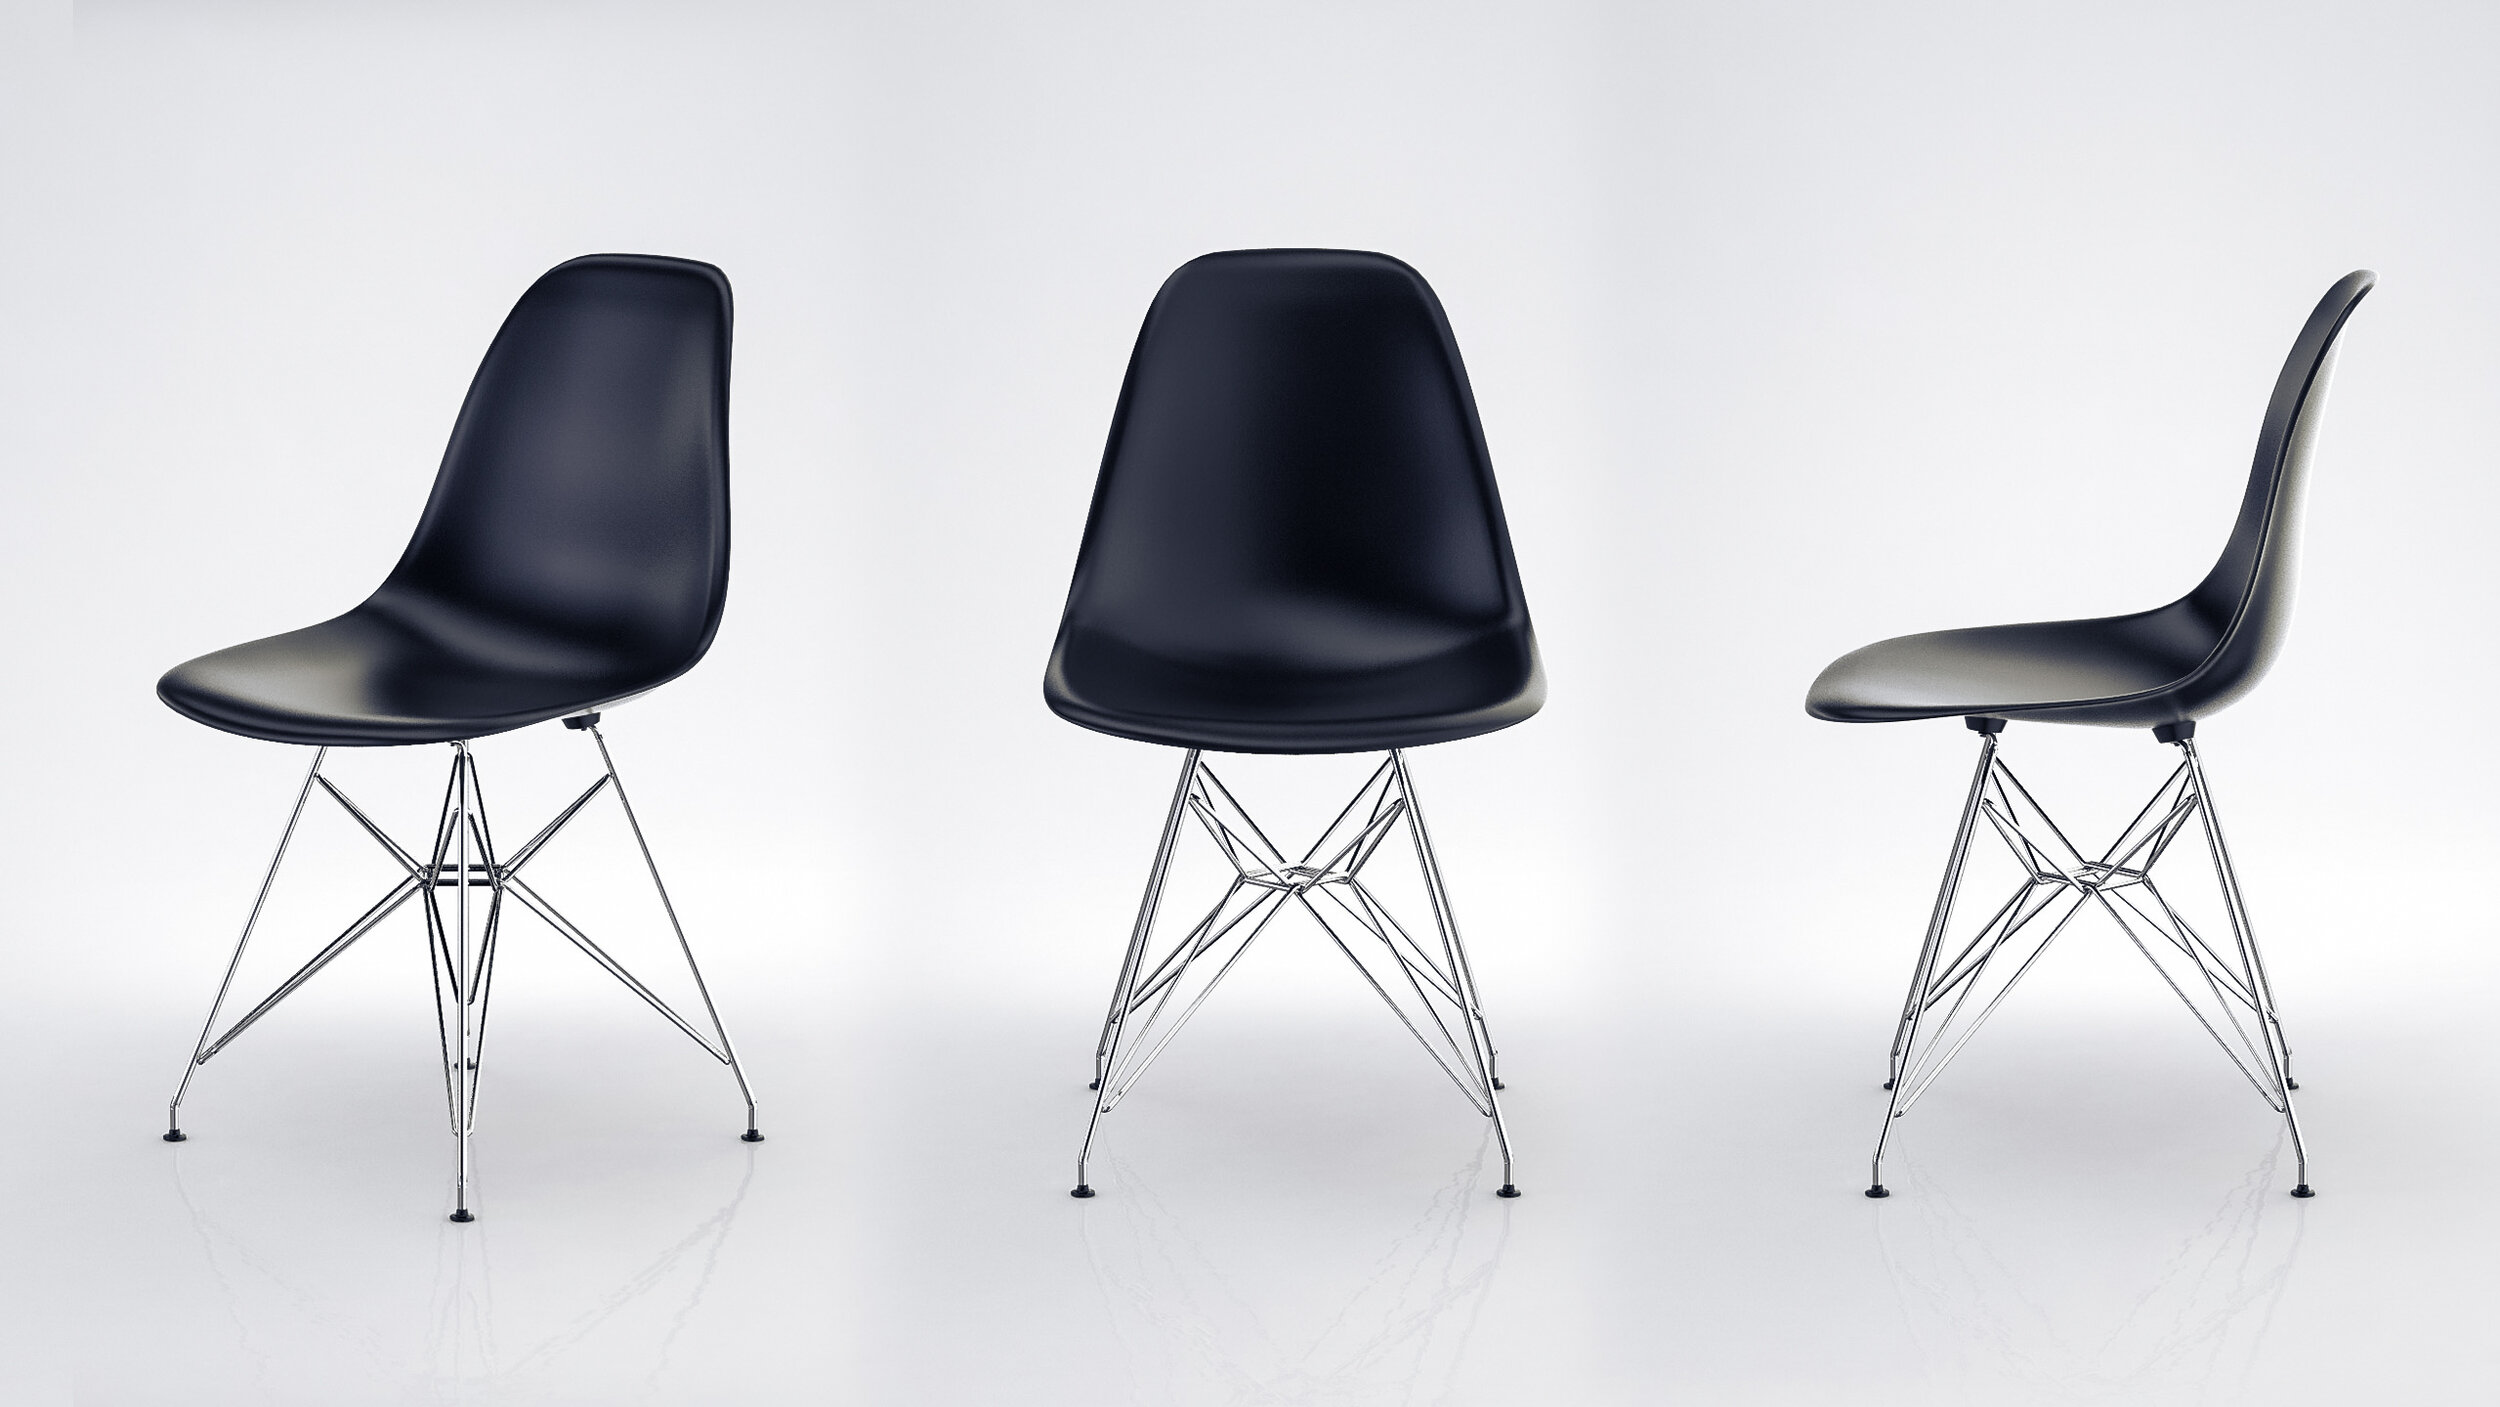 eames_chair_02.jpg